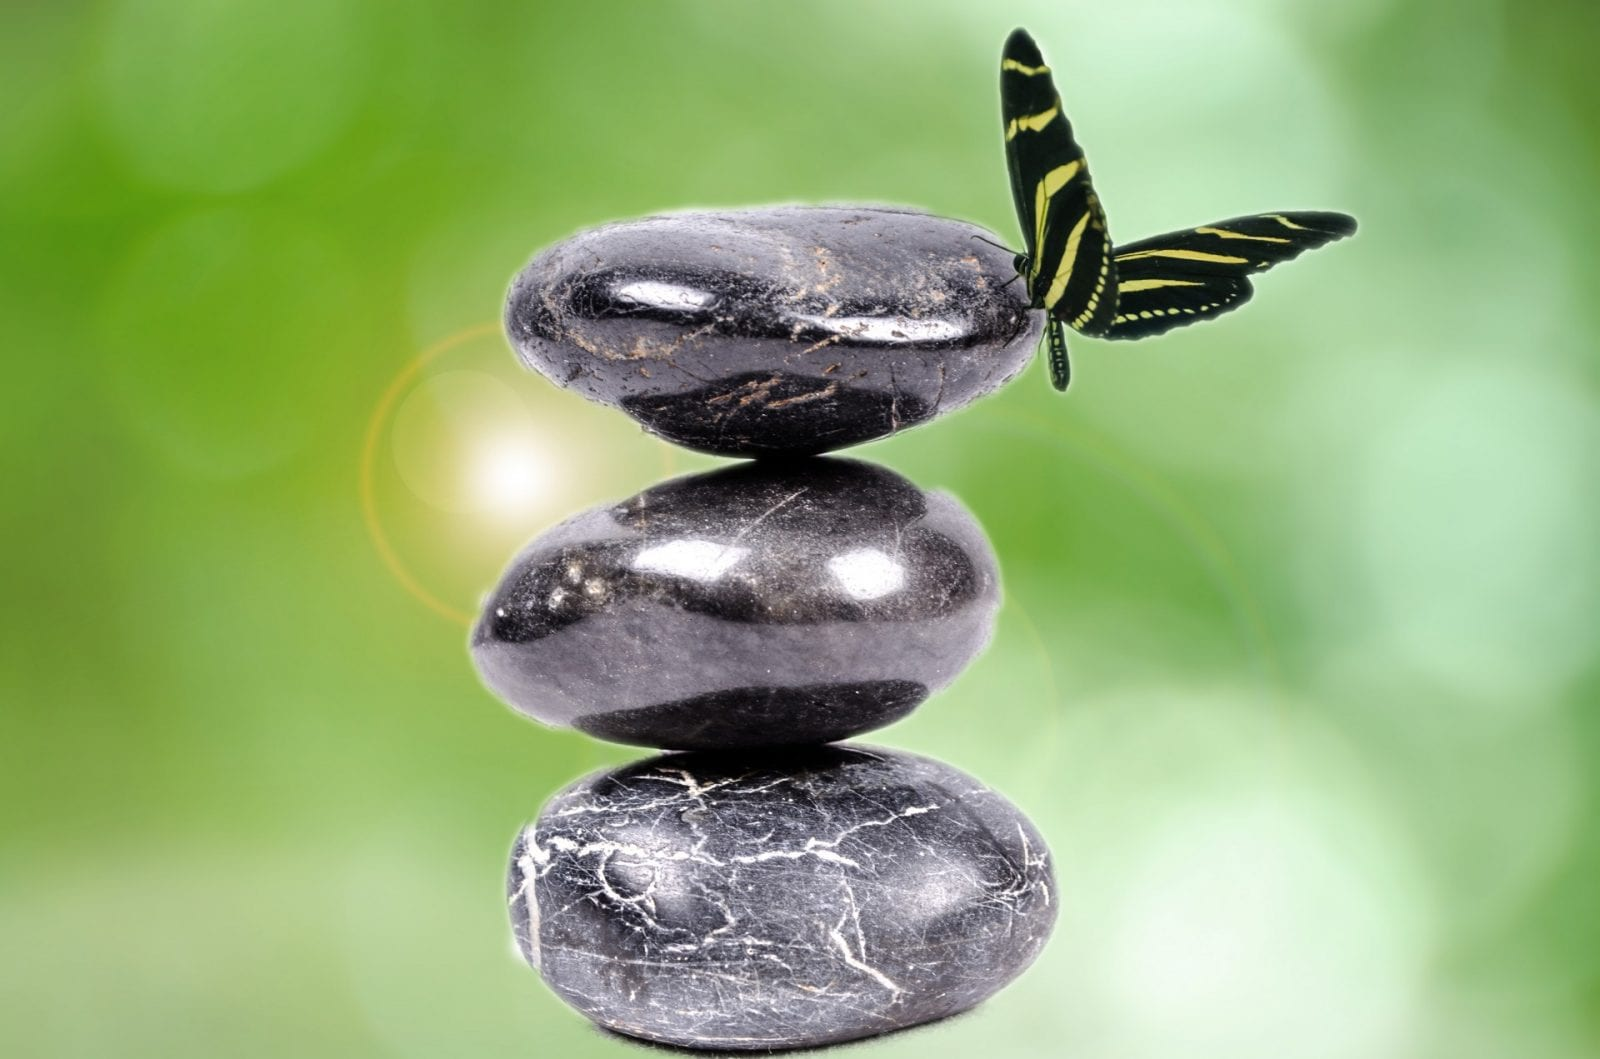 3 pierres en équilibre pour illustrer notre posture. Un papillon vient se poser sur ces pierres, évoquant qu'un petit rien peut nous déstabiliser